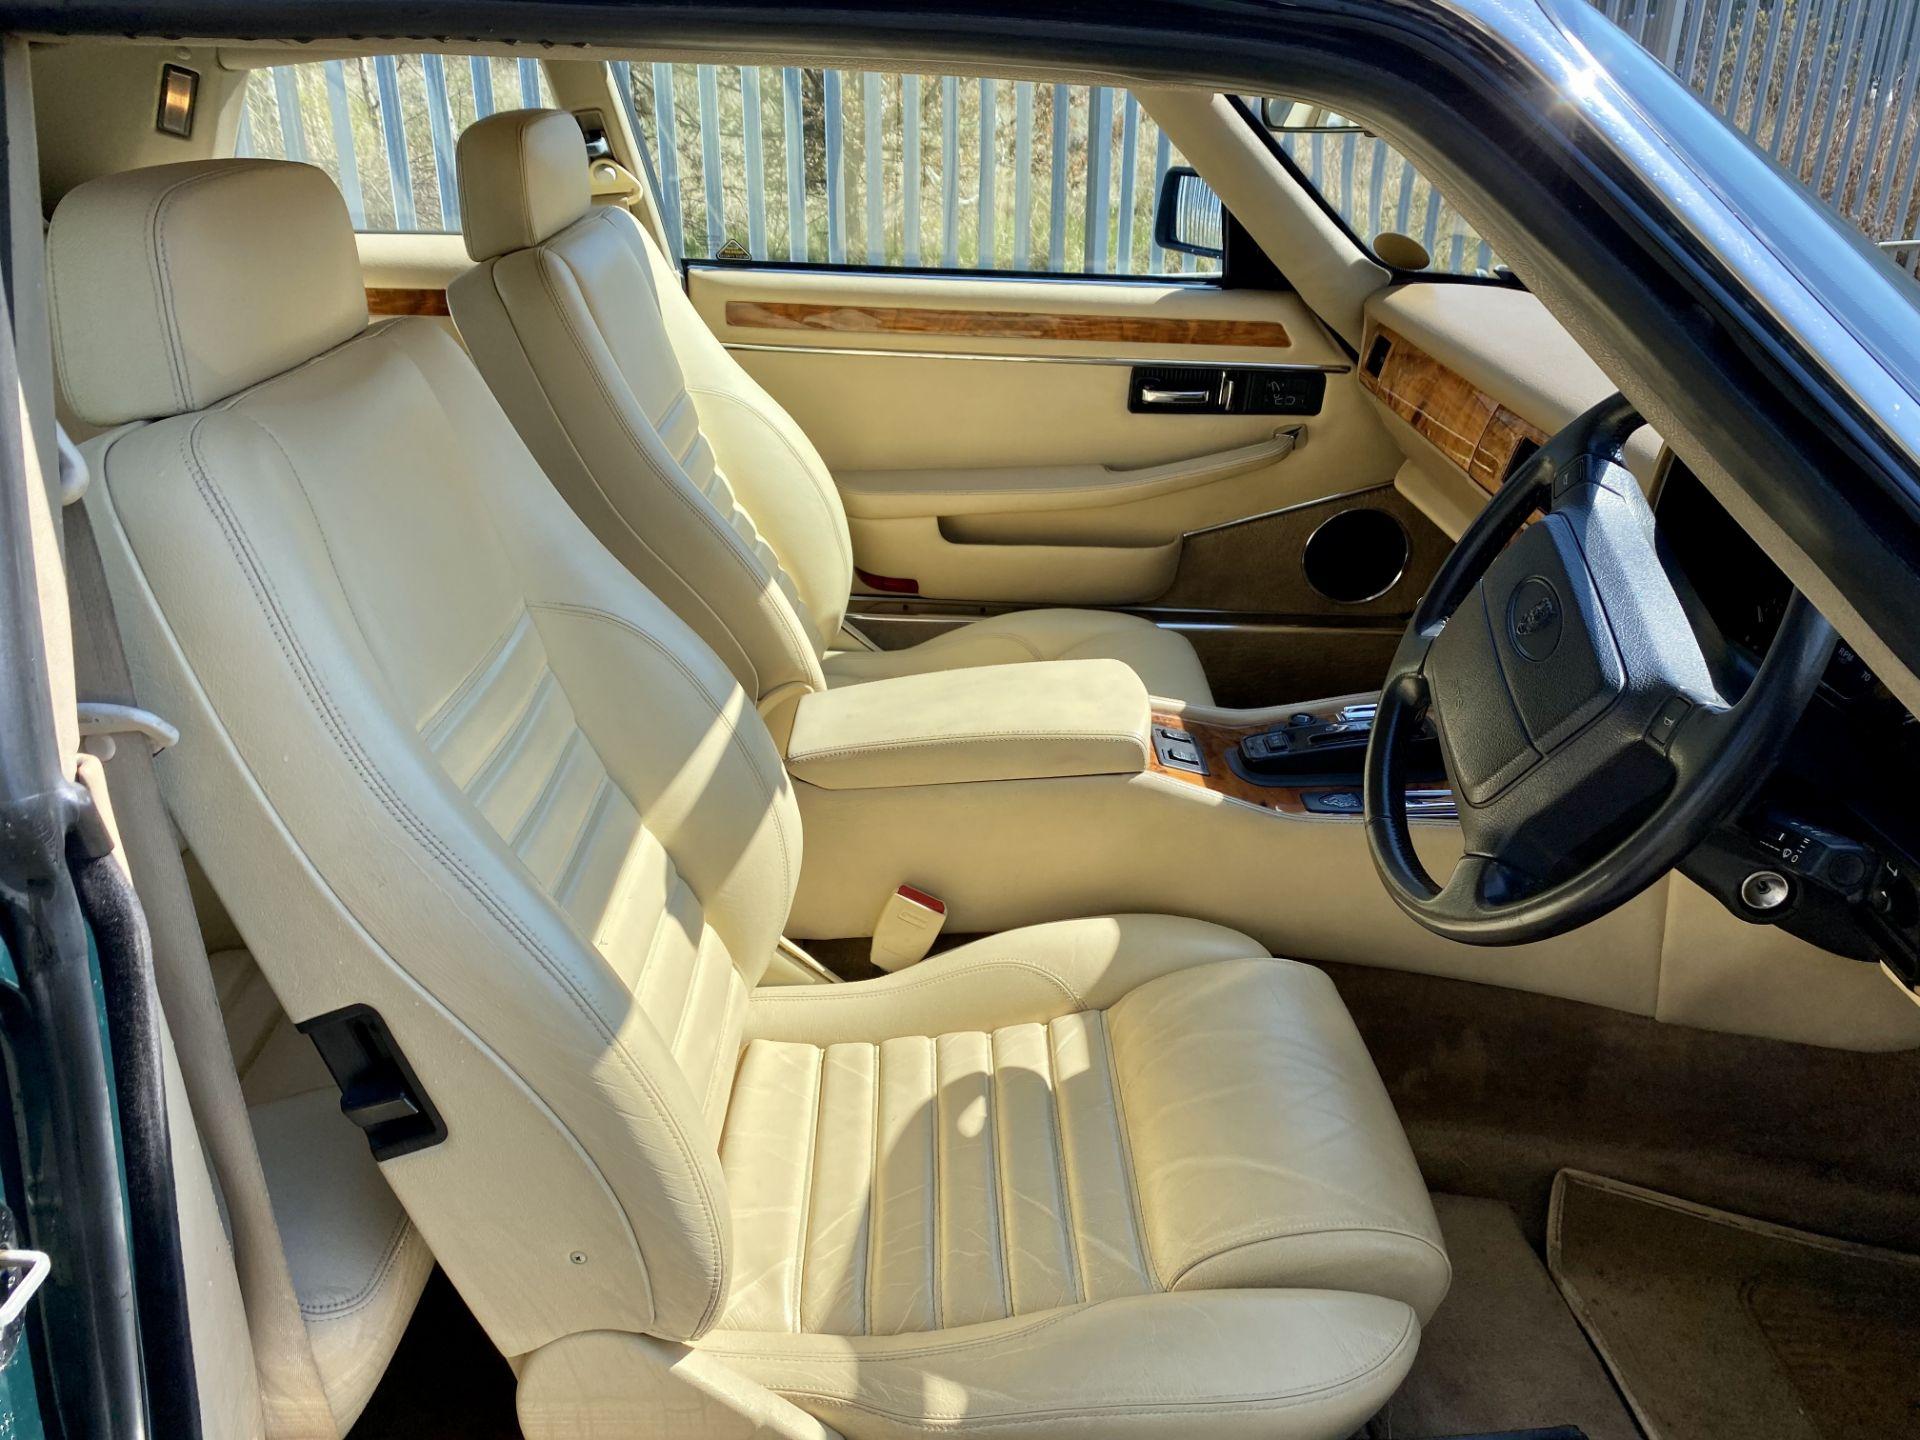 Jaguar XJS coupe - Image 46 of 64